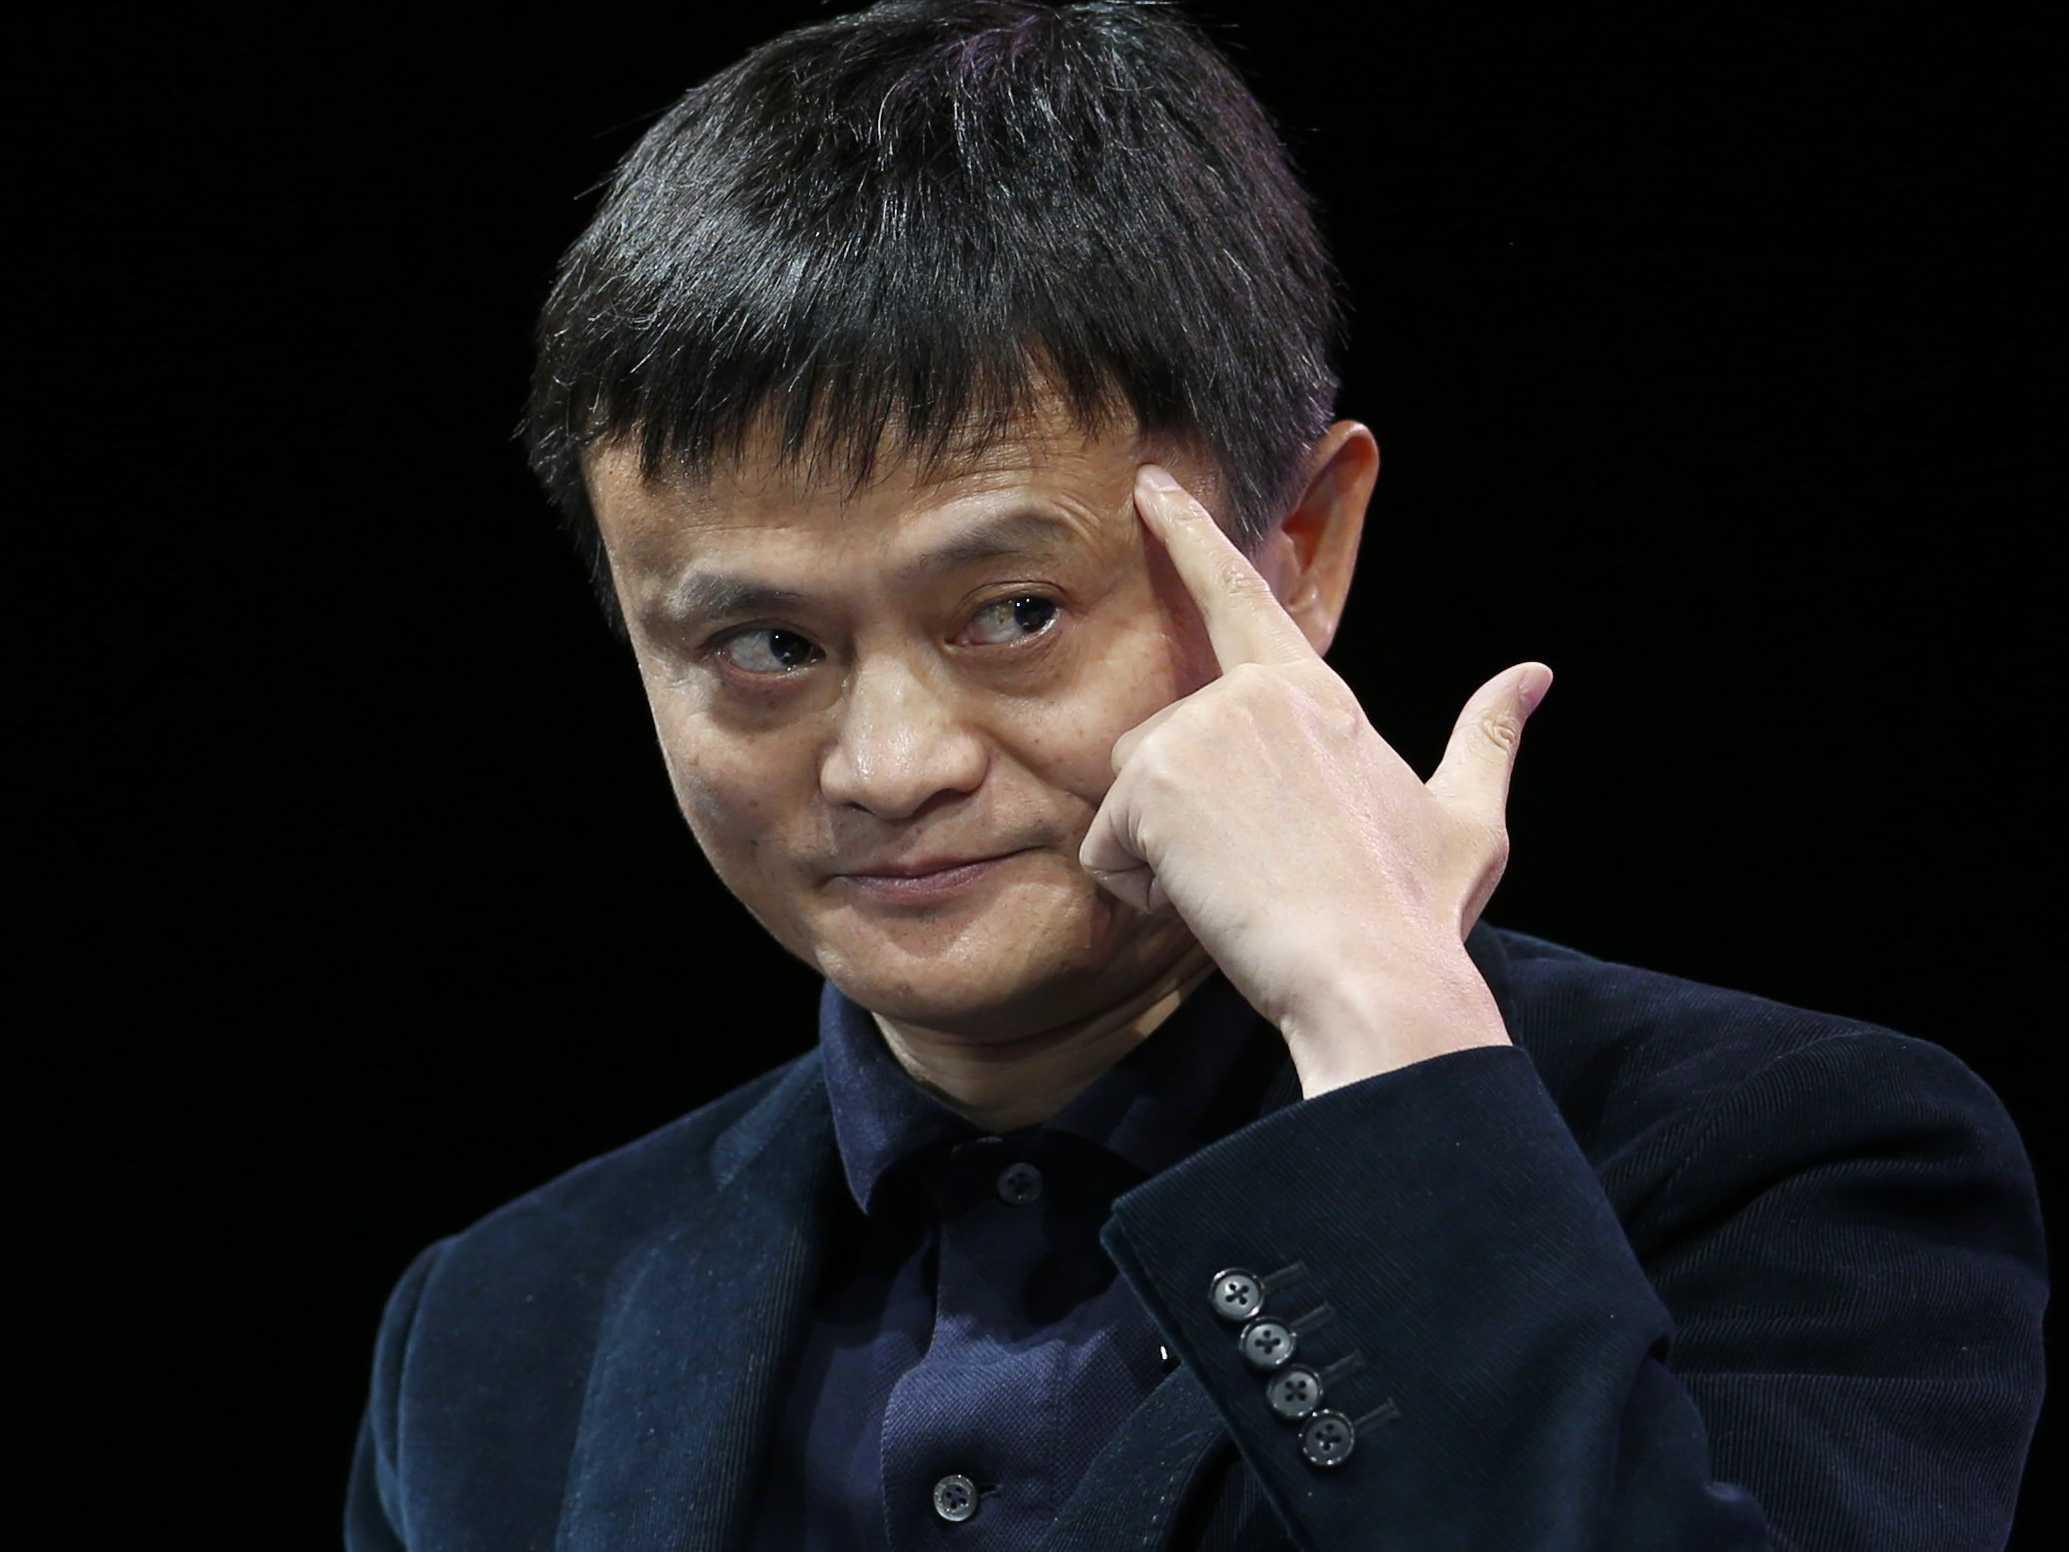 ชีวิตโคตรน่าทึ่ง Jack Ma กับความสำเร็จของ alibaba.com